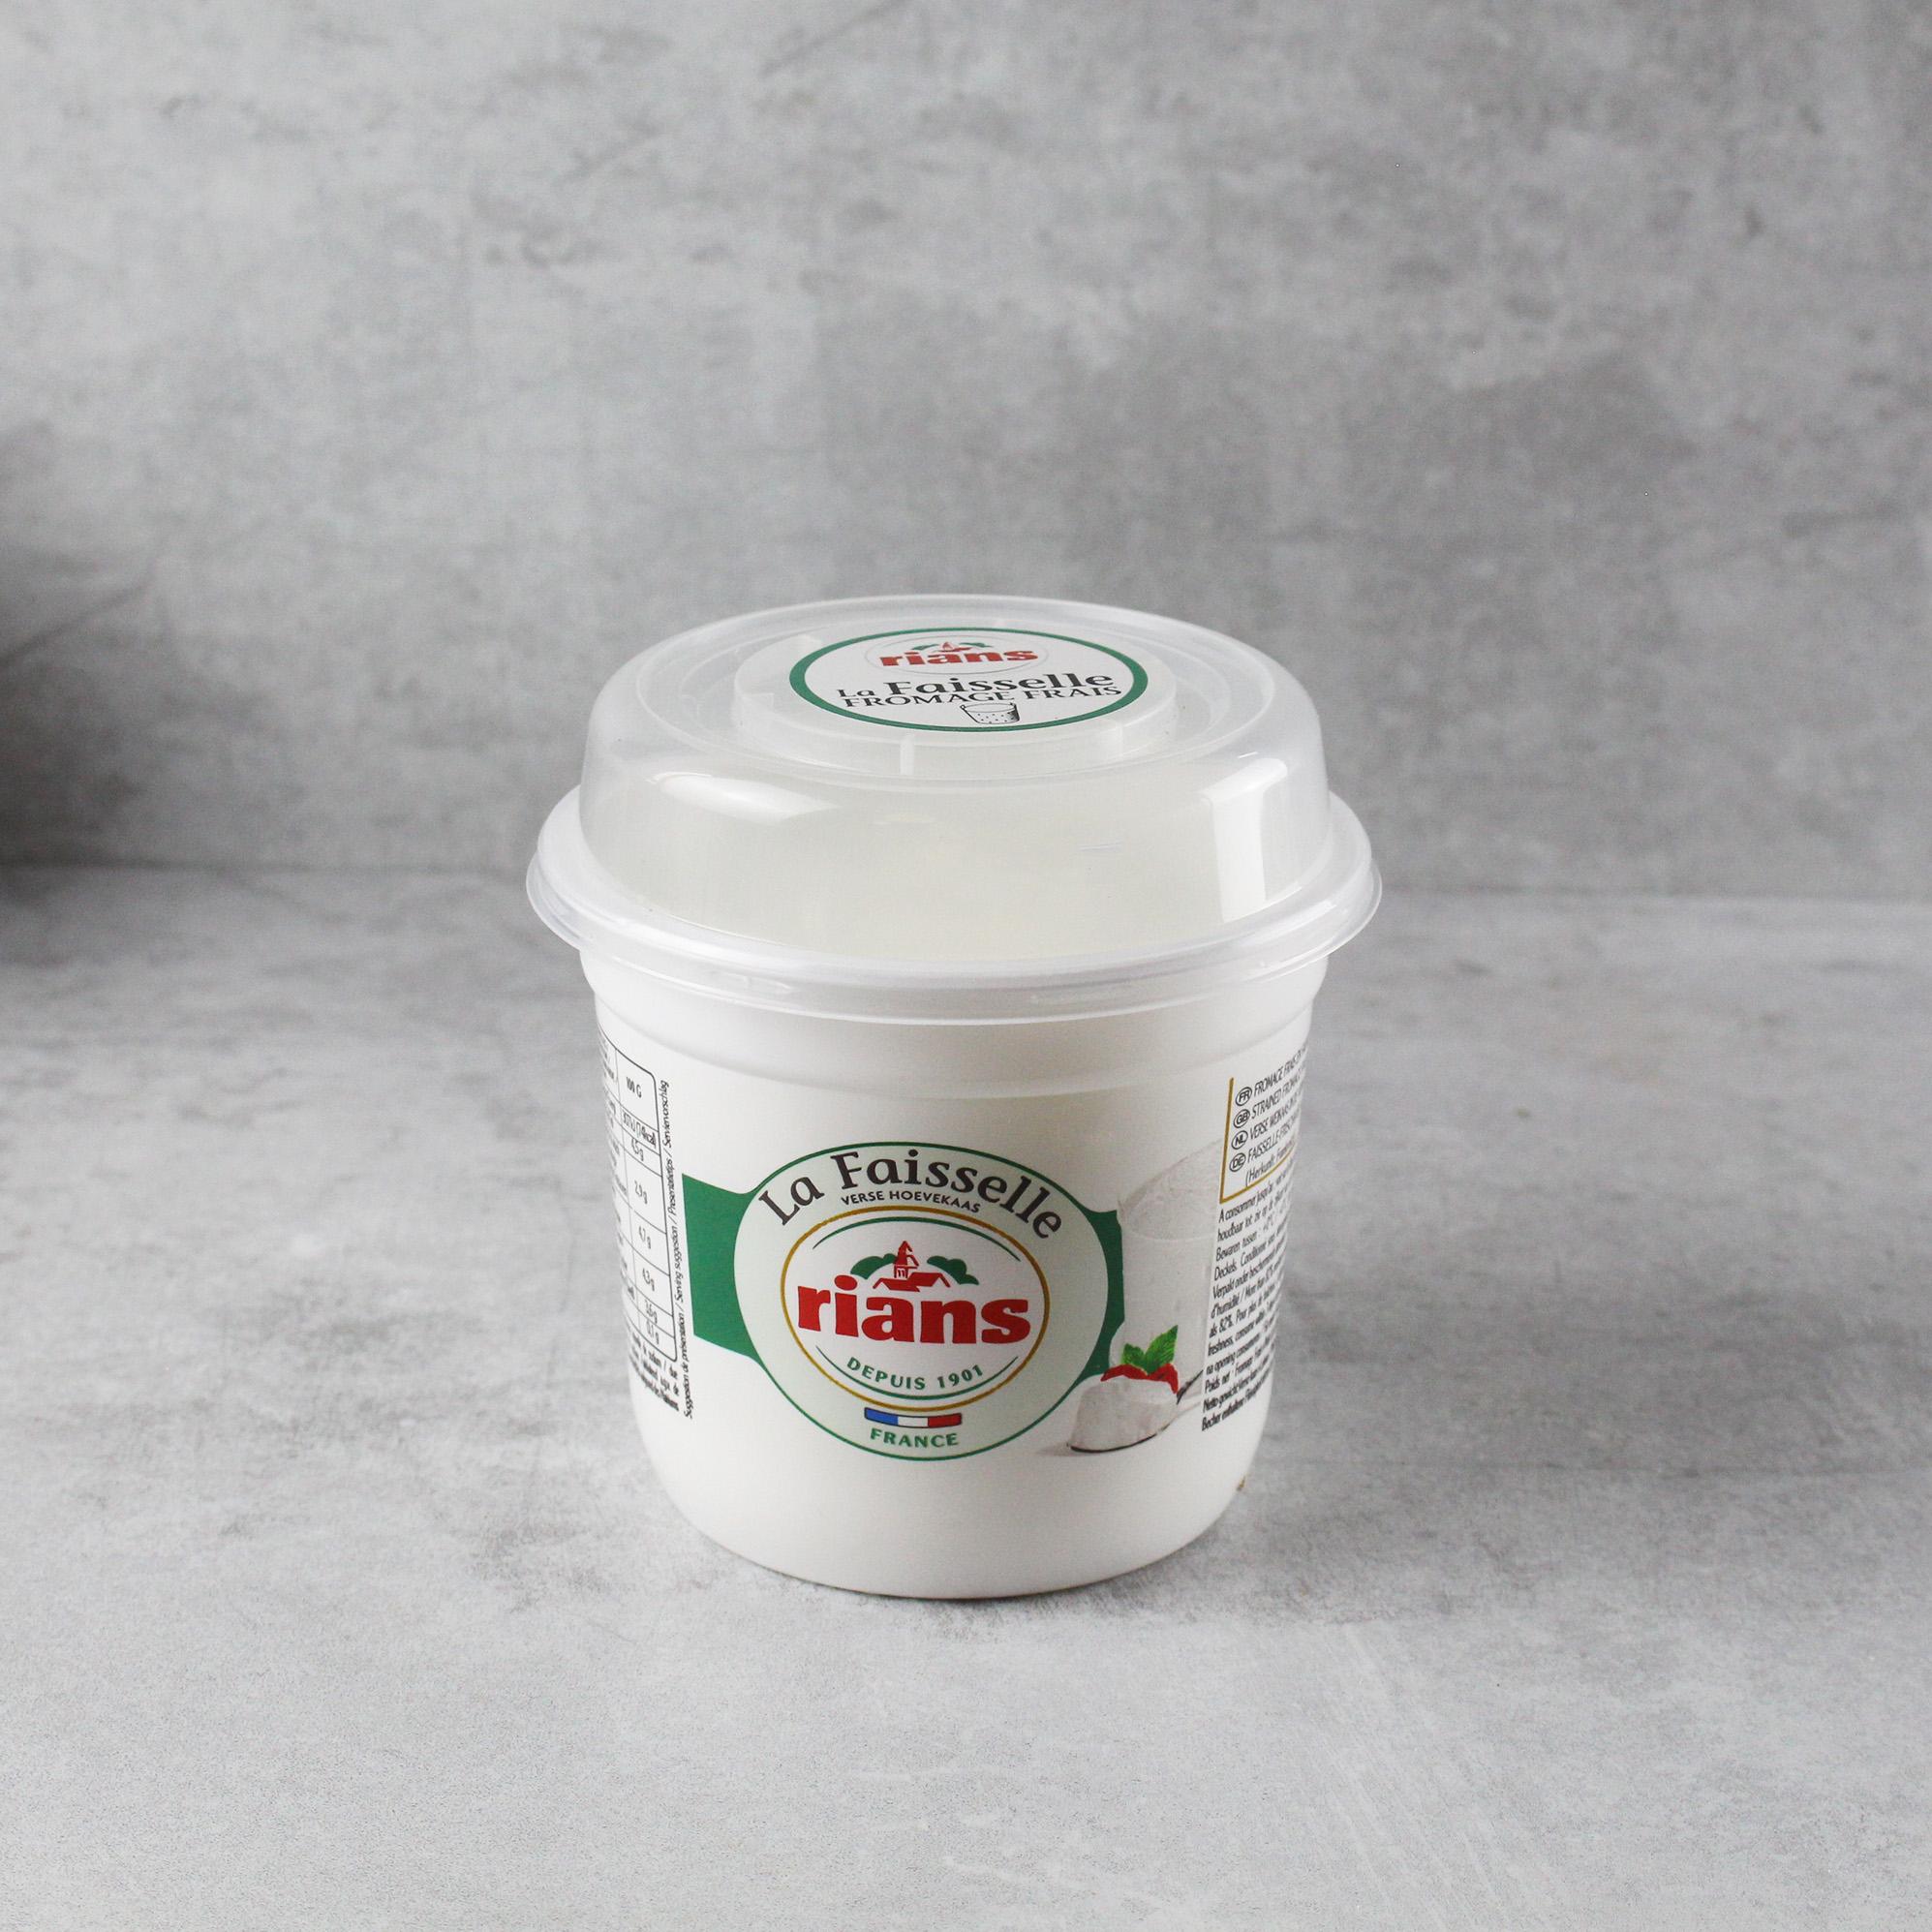 faisselle---frischkaese-40-500-g---glas-6-glaeser---karton-markthalle20-1